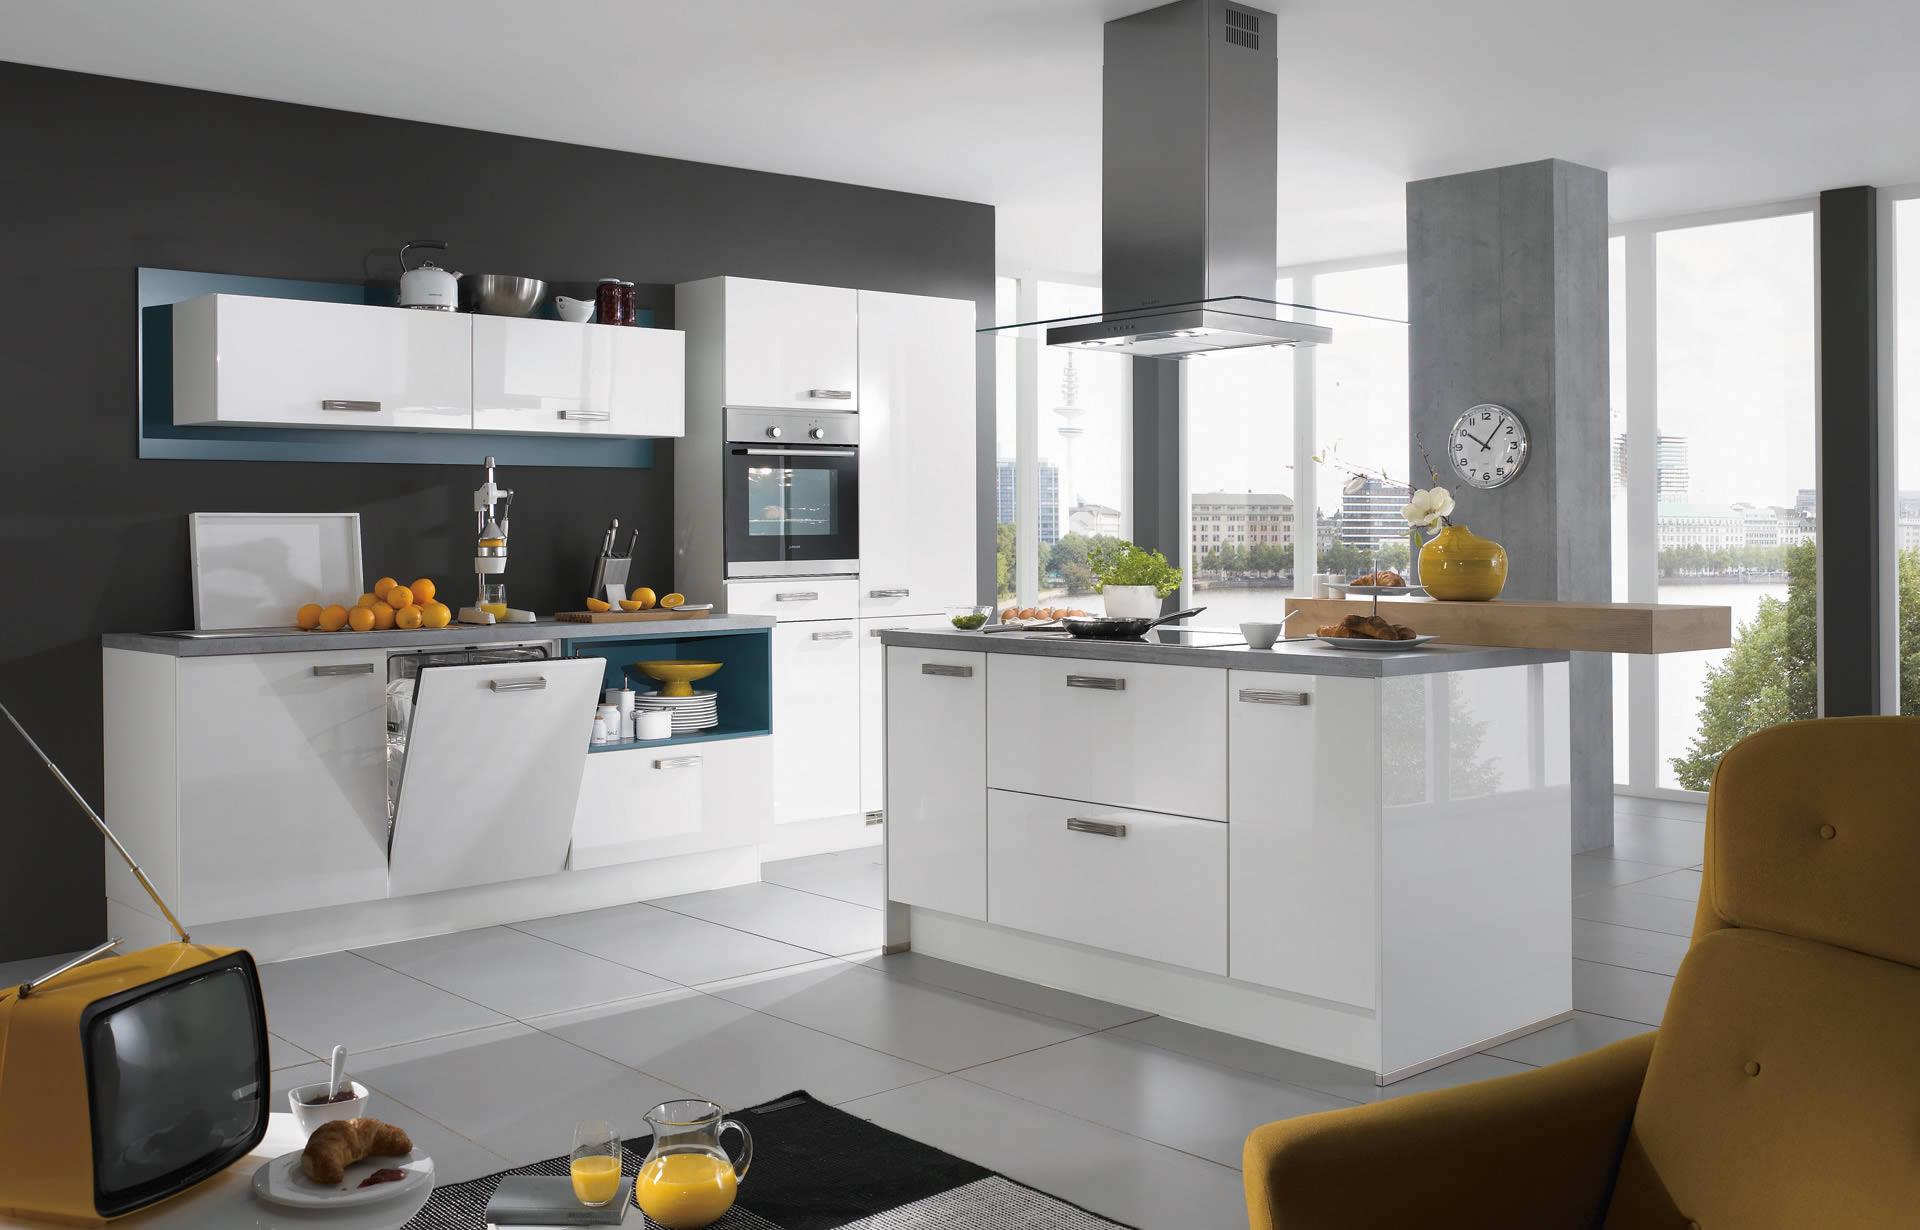 küche focus 460 - küchenstudio leipzig zwenkau borna